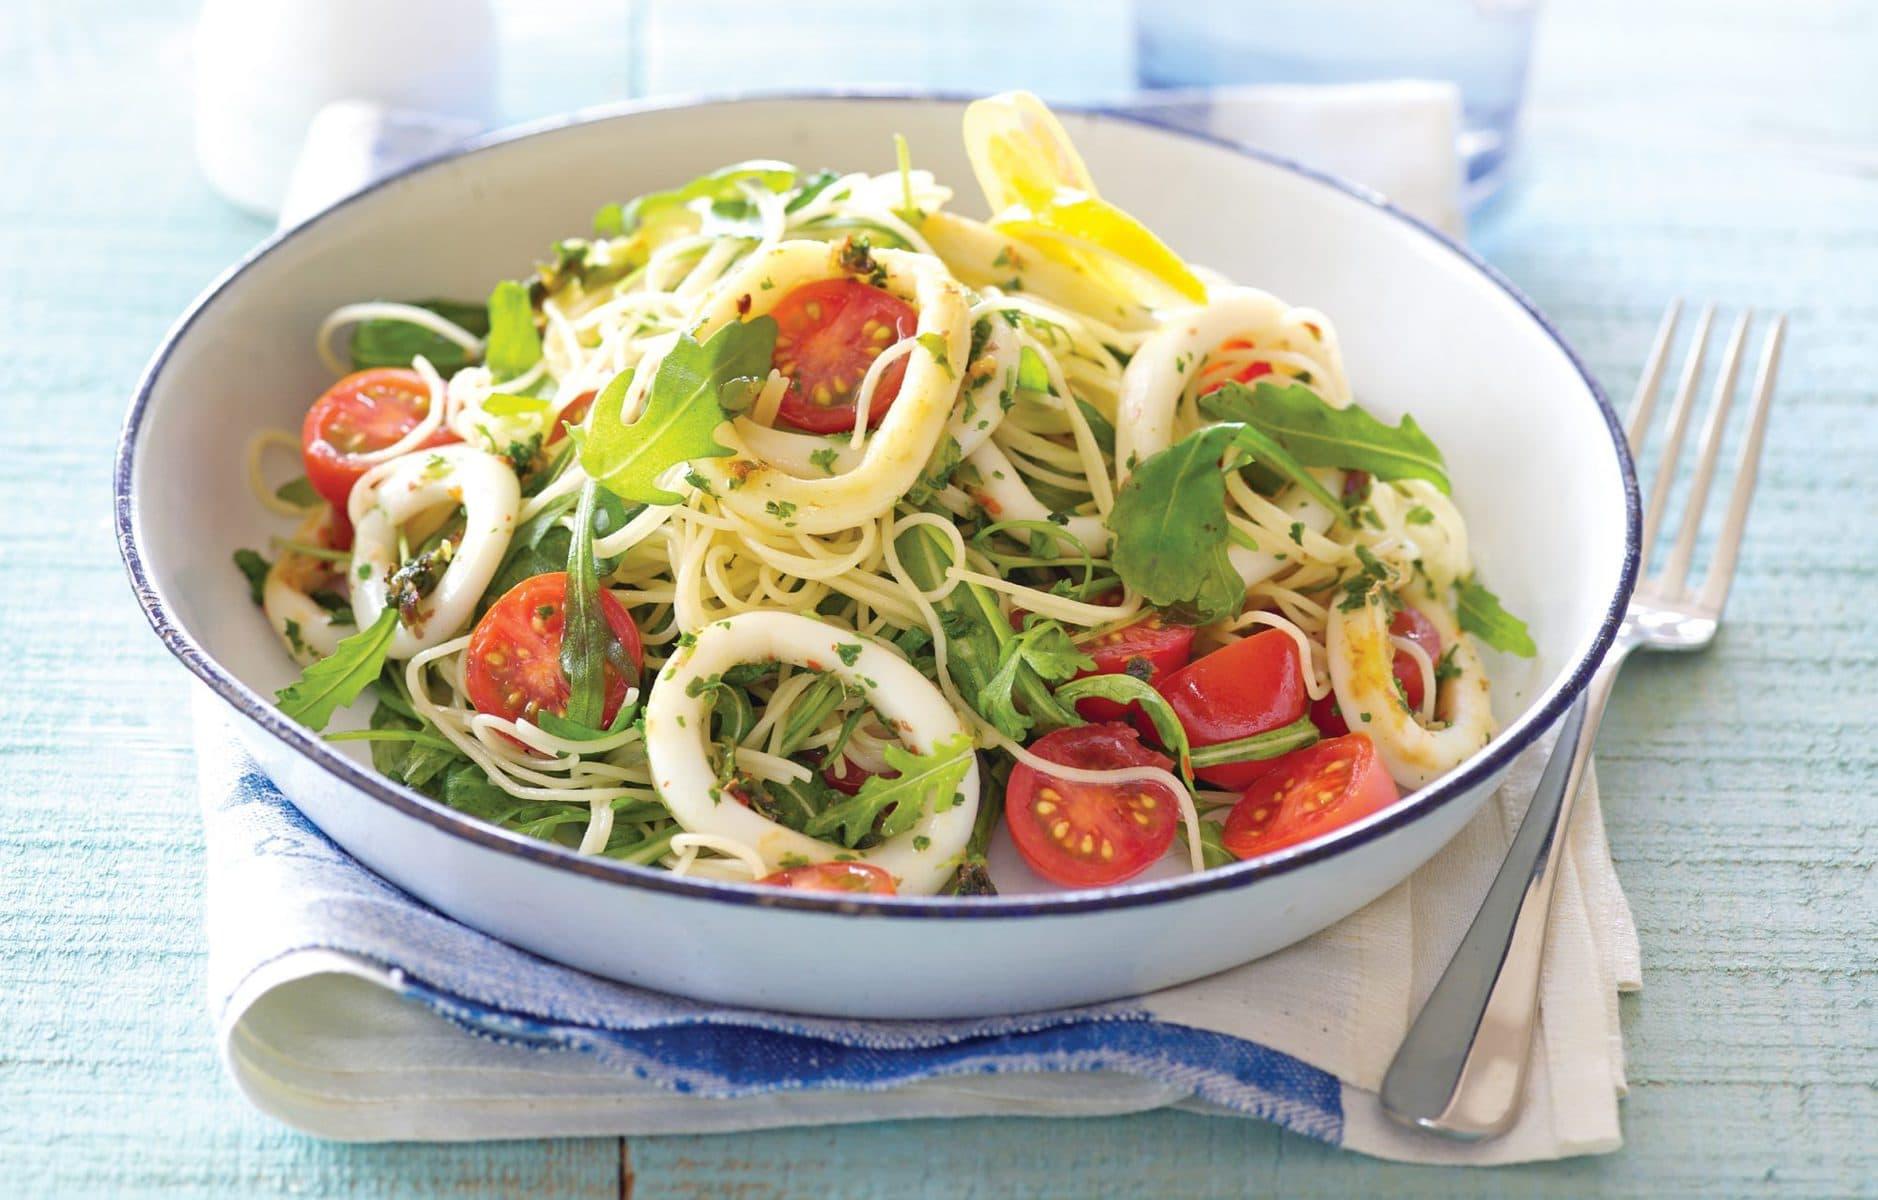 Spicy calamari with spaghetti